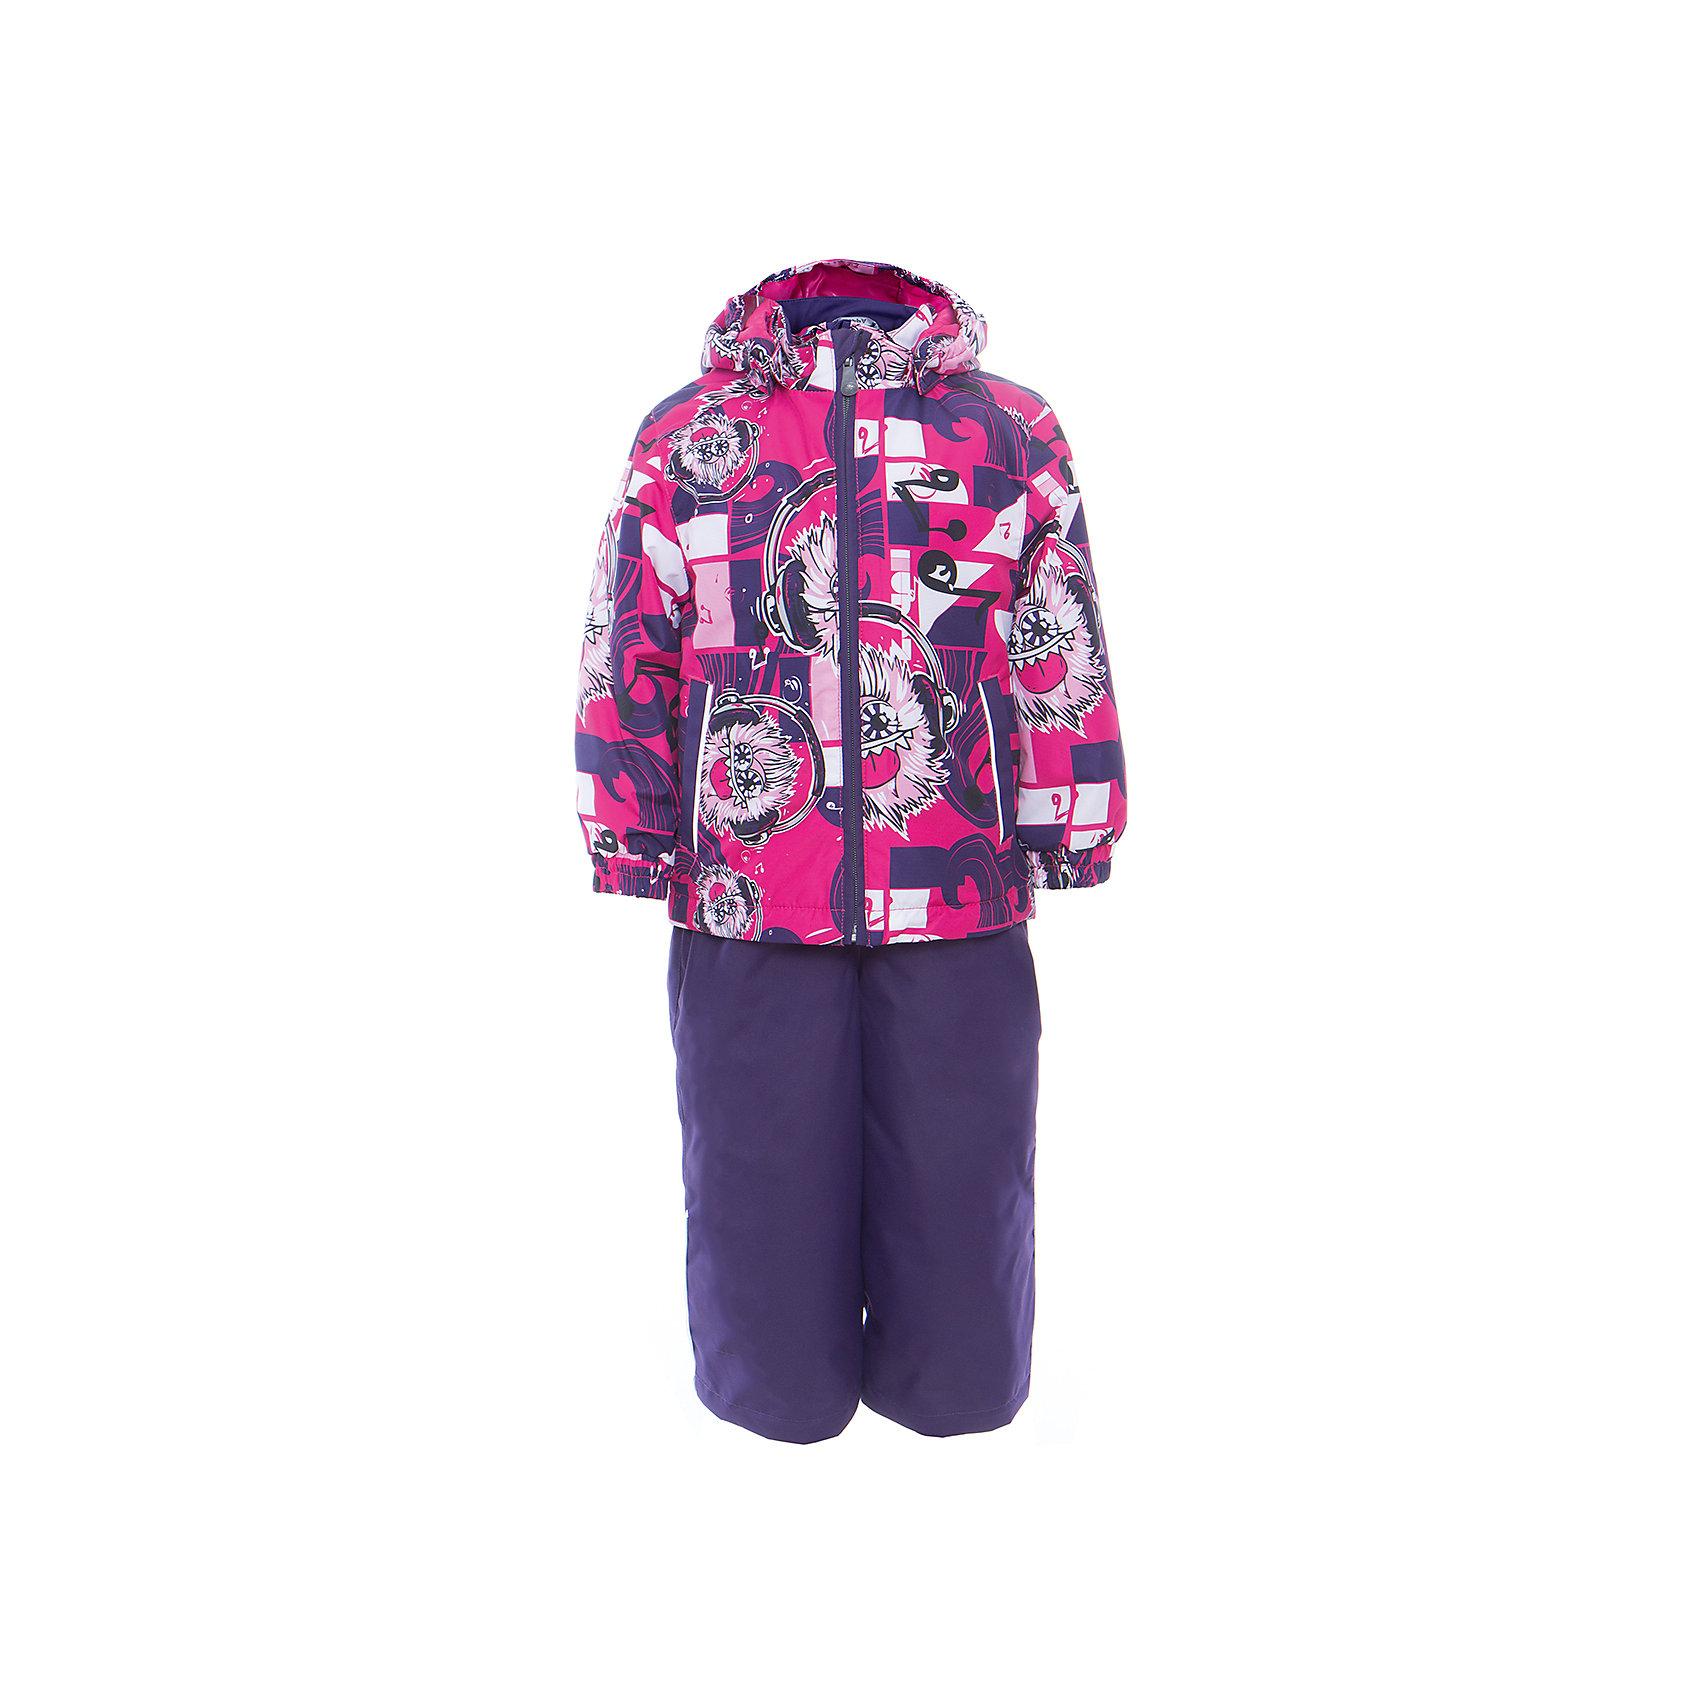 Комплект: куртка и полукомбинезон YOKO для девочки HuppaВерхняя одежда<br>Характеристики товара:<br><br>• цвет: фуксия принт/тёмно-фиолетовый<br>• комплектация: куртка и полукомбинезон <br>• ткань: 100% полиэстер<br>• подкладка: тафта - 100% полиэстер<br>• утеплитель: в куртке и в брюках - 100% полиэстер 100 г<br>• температурный режим: от -5°С до +10°С<br>• водонепроницаемость: 10000 мм<br>• воздухопроницаемость: 10000 мм<br>• светоотражающие детали<br>• шов сидения проклеен<br>• эластичный шнур по низу куртки<br>• эластичный шнур с фиксатором внизу брючин<br>• съёмный капюшон с резинкой<br>• эластичные манжеты рукавов<br>• регулируемые низы брючин<br>• без внутренних швов<br>• резиновые подтяжки<br>• коллекция: весна-лето 2017<br>• страна бренда: Эстония<br><br>Такой модный демисезонный комплект  обеспечит детям тепло и комфорт. Он сделан из материала, отталкивающего воду, и дополнен подкладкой с утеплителем, поэтому изделие идеально подходит для межсезонья. Материал изделий - с мембранной технологией: защищая от влаги и ветра, он легко выводит лишнюю влагу наружу. Комплект очень симпатично смотрится. <br><br>Одежда и обувь от популярного эстонского бренда Huppa - отличный вариант одеть ребенка можно и комфортно. Вещи, выпускаемые компанией, качественные, продуманные и очень удобные. Для производства изделий используются только безопасные для детей материалы. Продукция от Huppa порадует и детей, и их родителей!<br><br>Комплект: куртка и полукомбинезон YOKO от бренда Huppa (Хуппа) можно купить в нашем интернет-магазине.<br><br>Ширина мм: 356<br>Глубина мм: 10<br>Высота мм: 245<br>Вес г: 519<br>Цвет: фиолетовый<br>Возраст от месяцев: 72<br>Возраст до месяцев: 84<br>Пол: Женский<br>Возраст: Детский<br>Размер: 122,92,98,104,110,116<br>SKU: 5346781